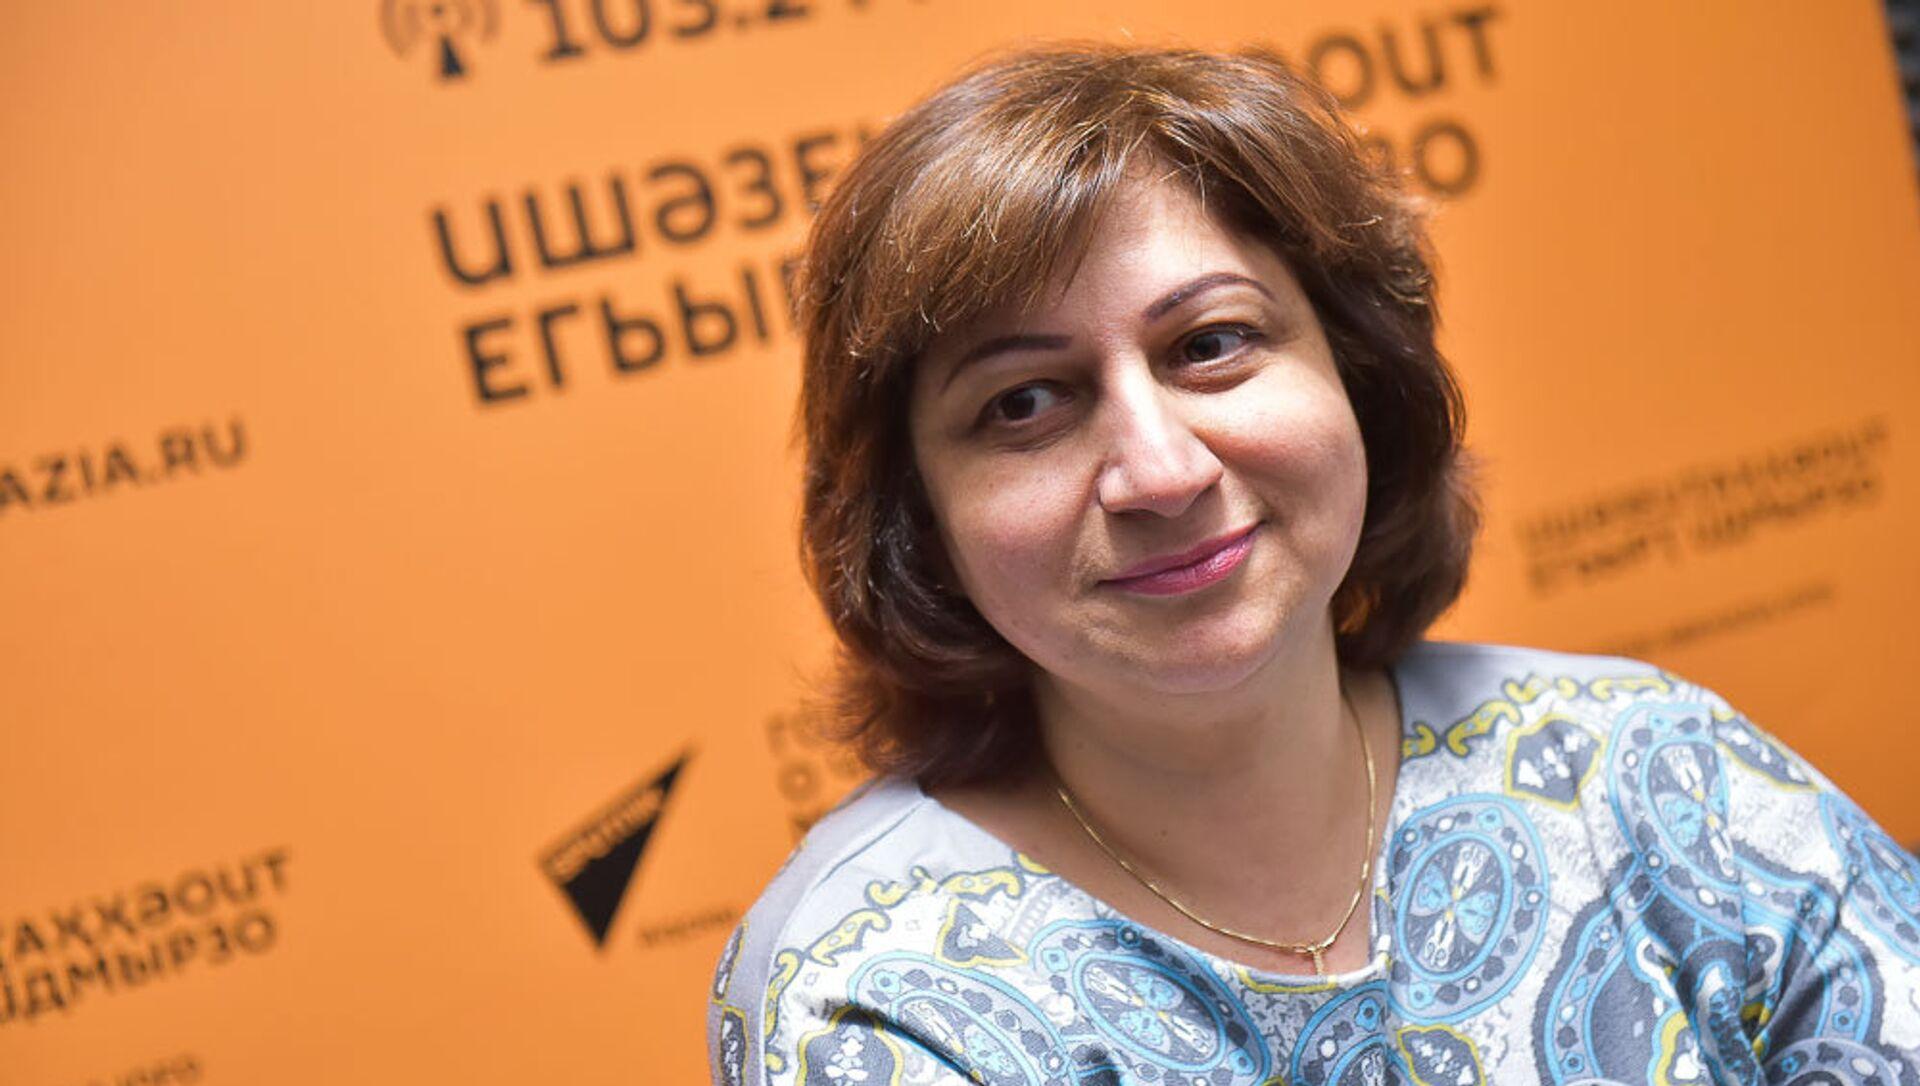 Анжела Ладария - Sputnik Абхазия, 1920, 06.09.2021